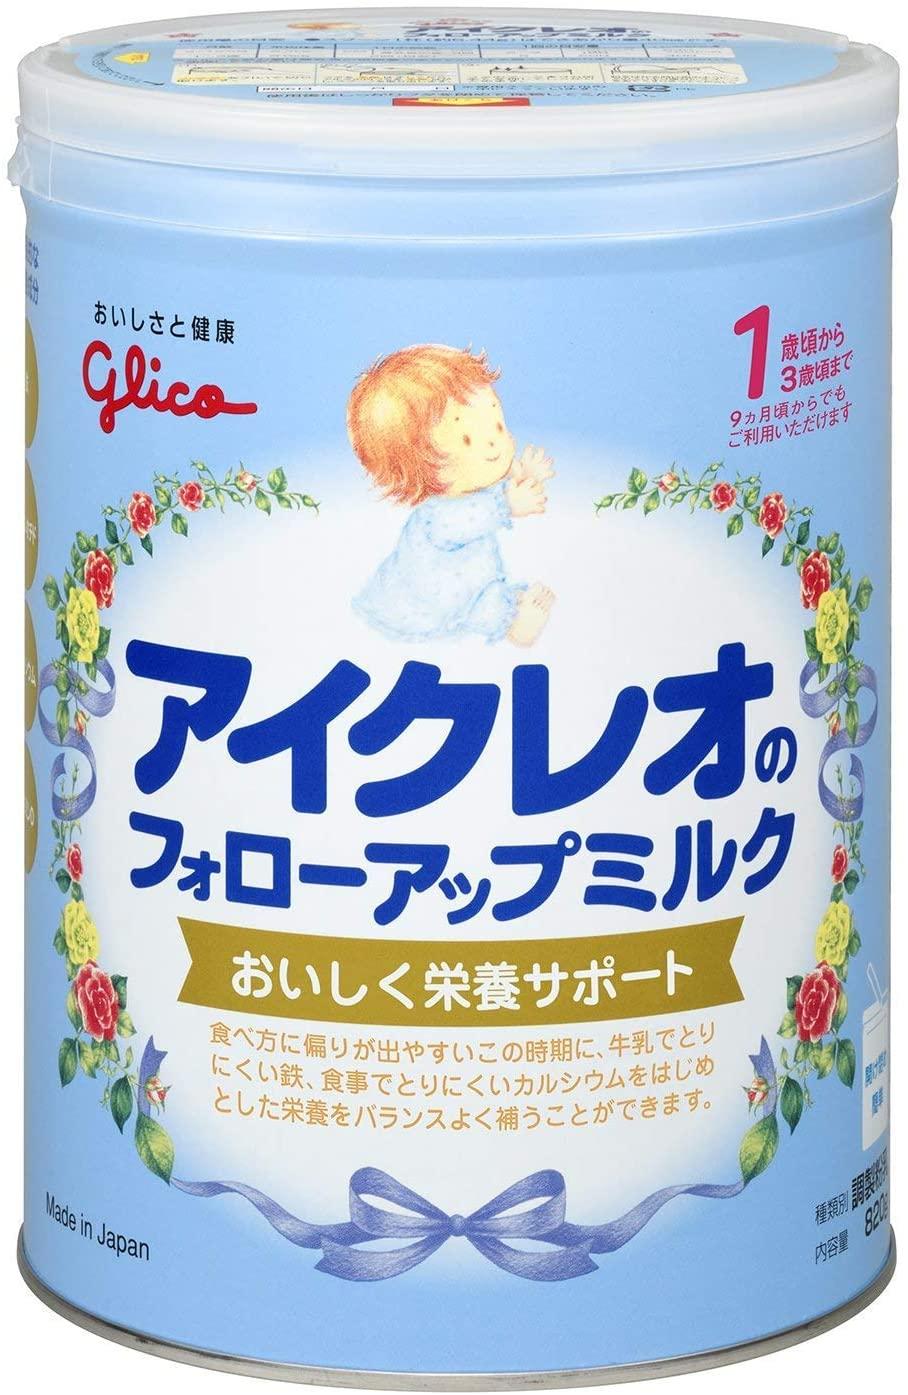 フォローアップミルクのおすすめ9選!鉄分やDHA配合も